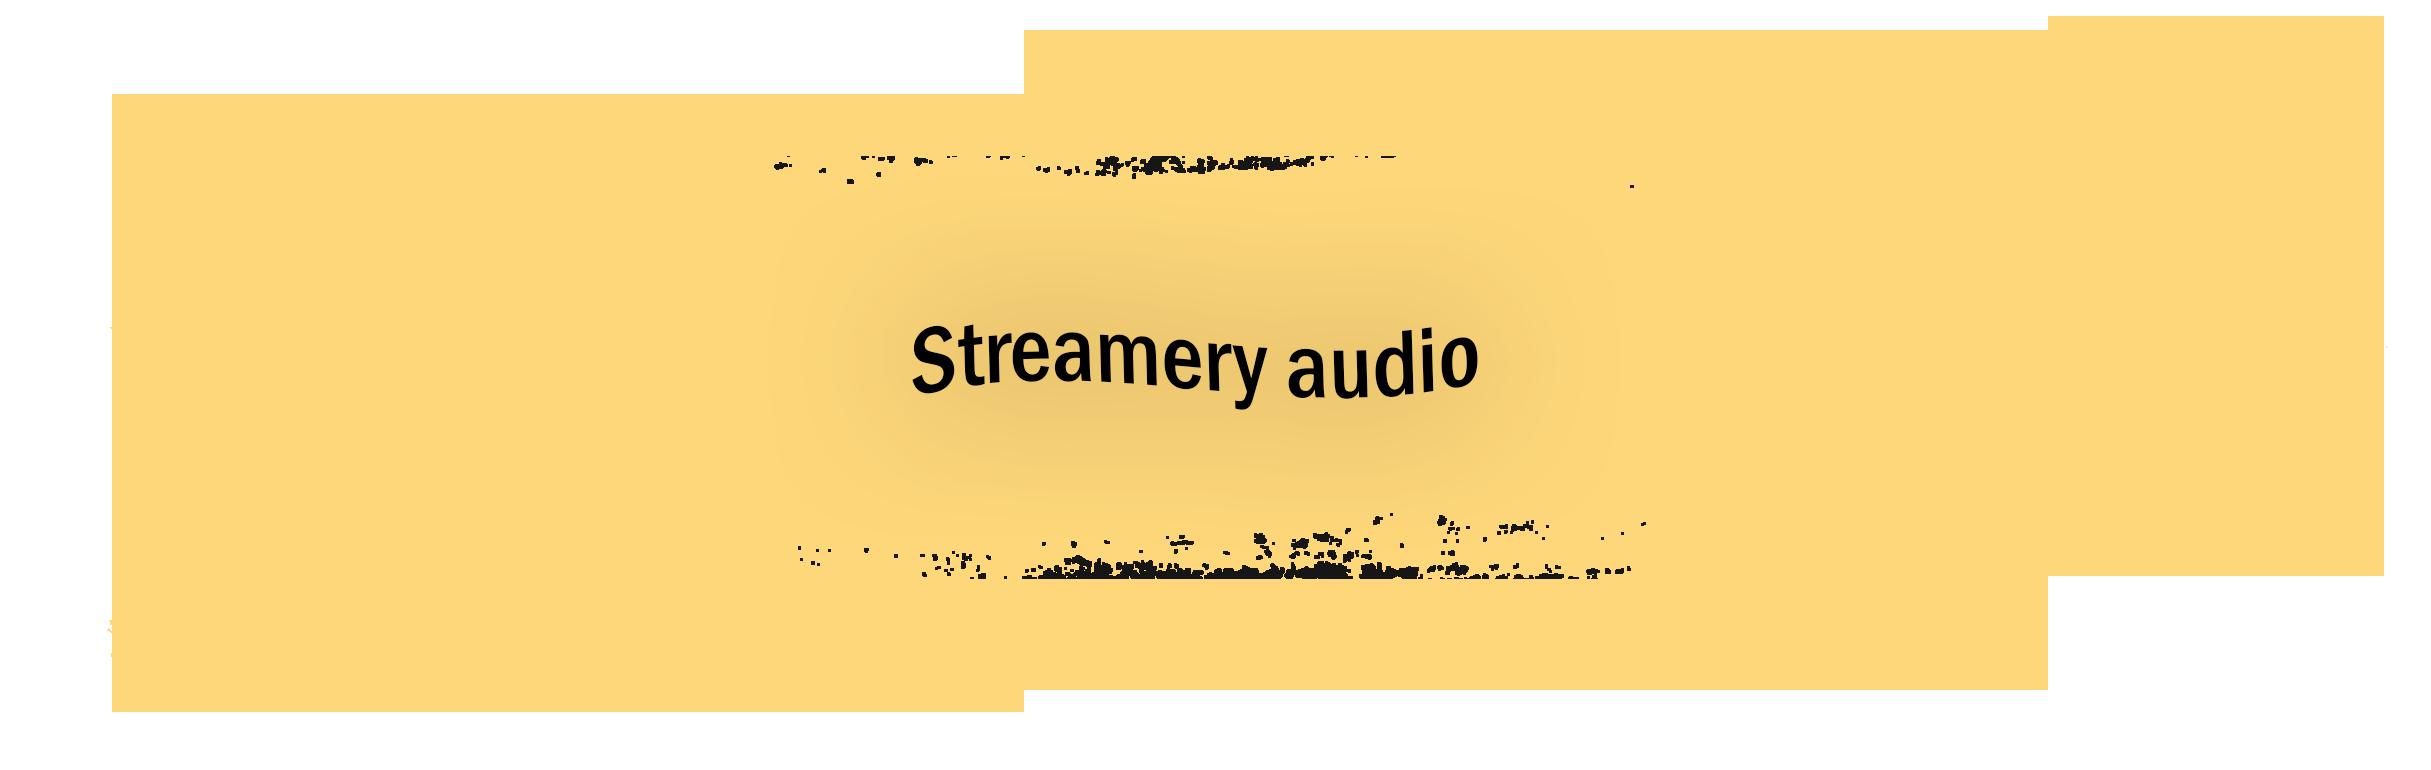 Streamery audio